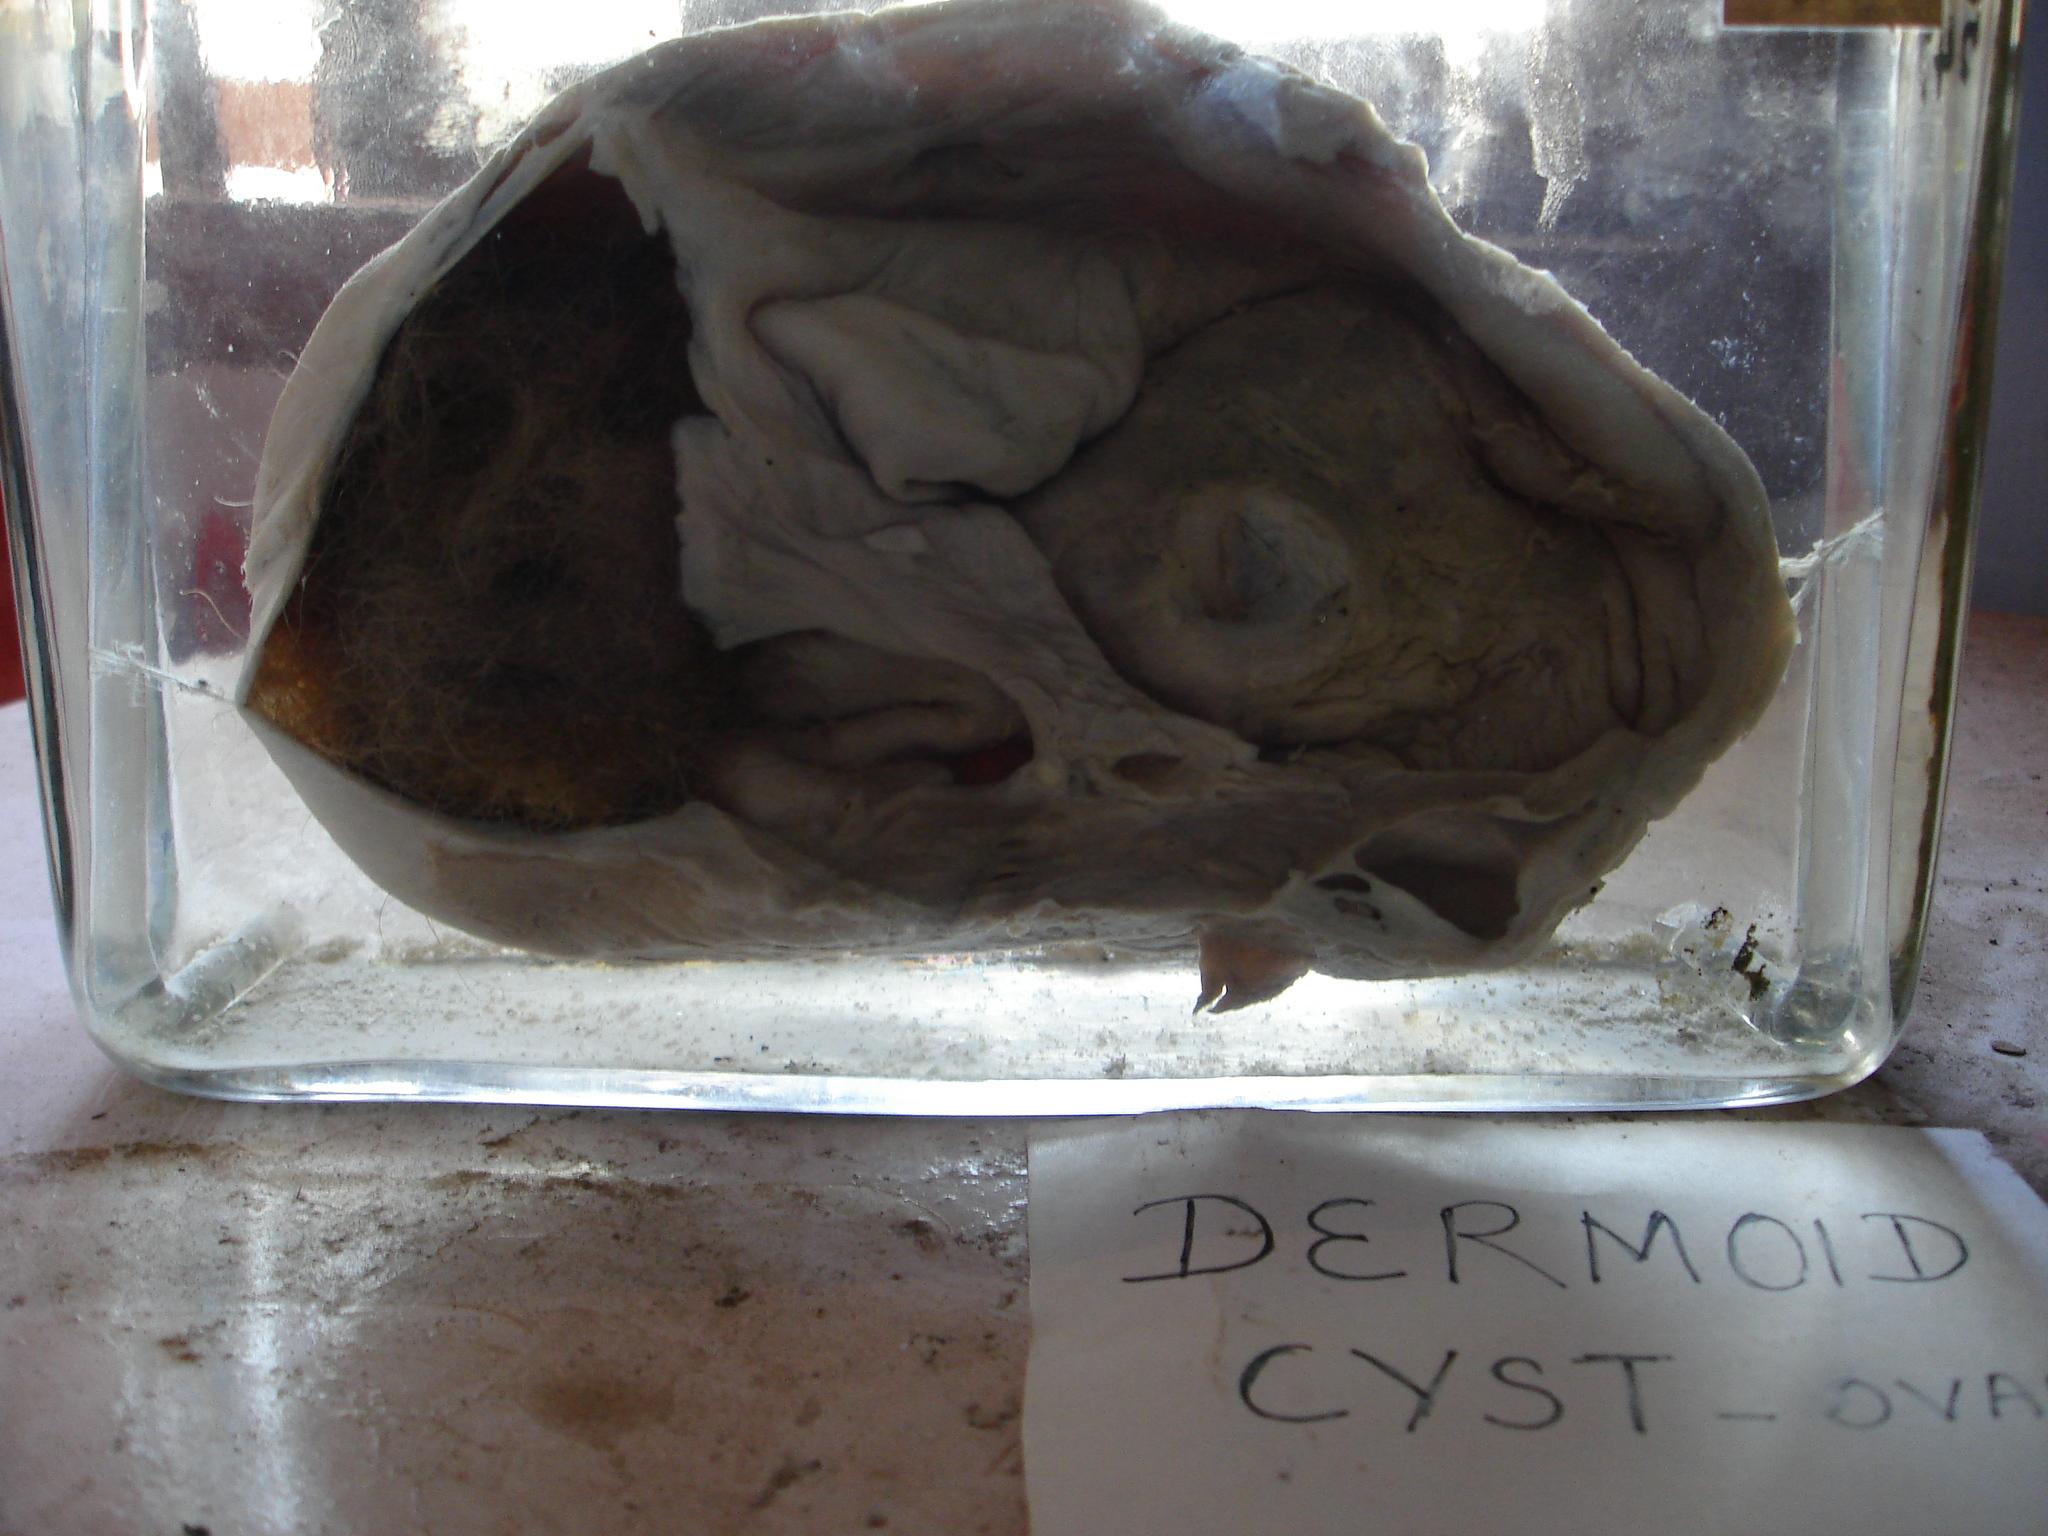 File:Dermoid Cyst.JPG - Wikimedia Commons